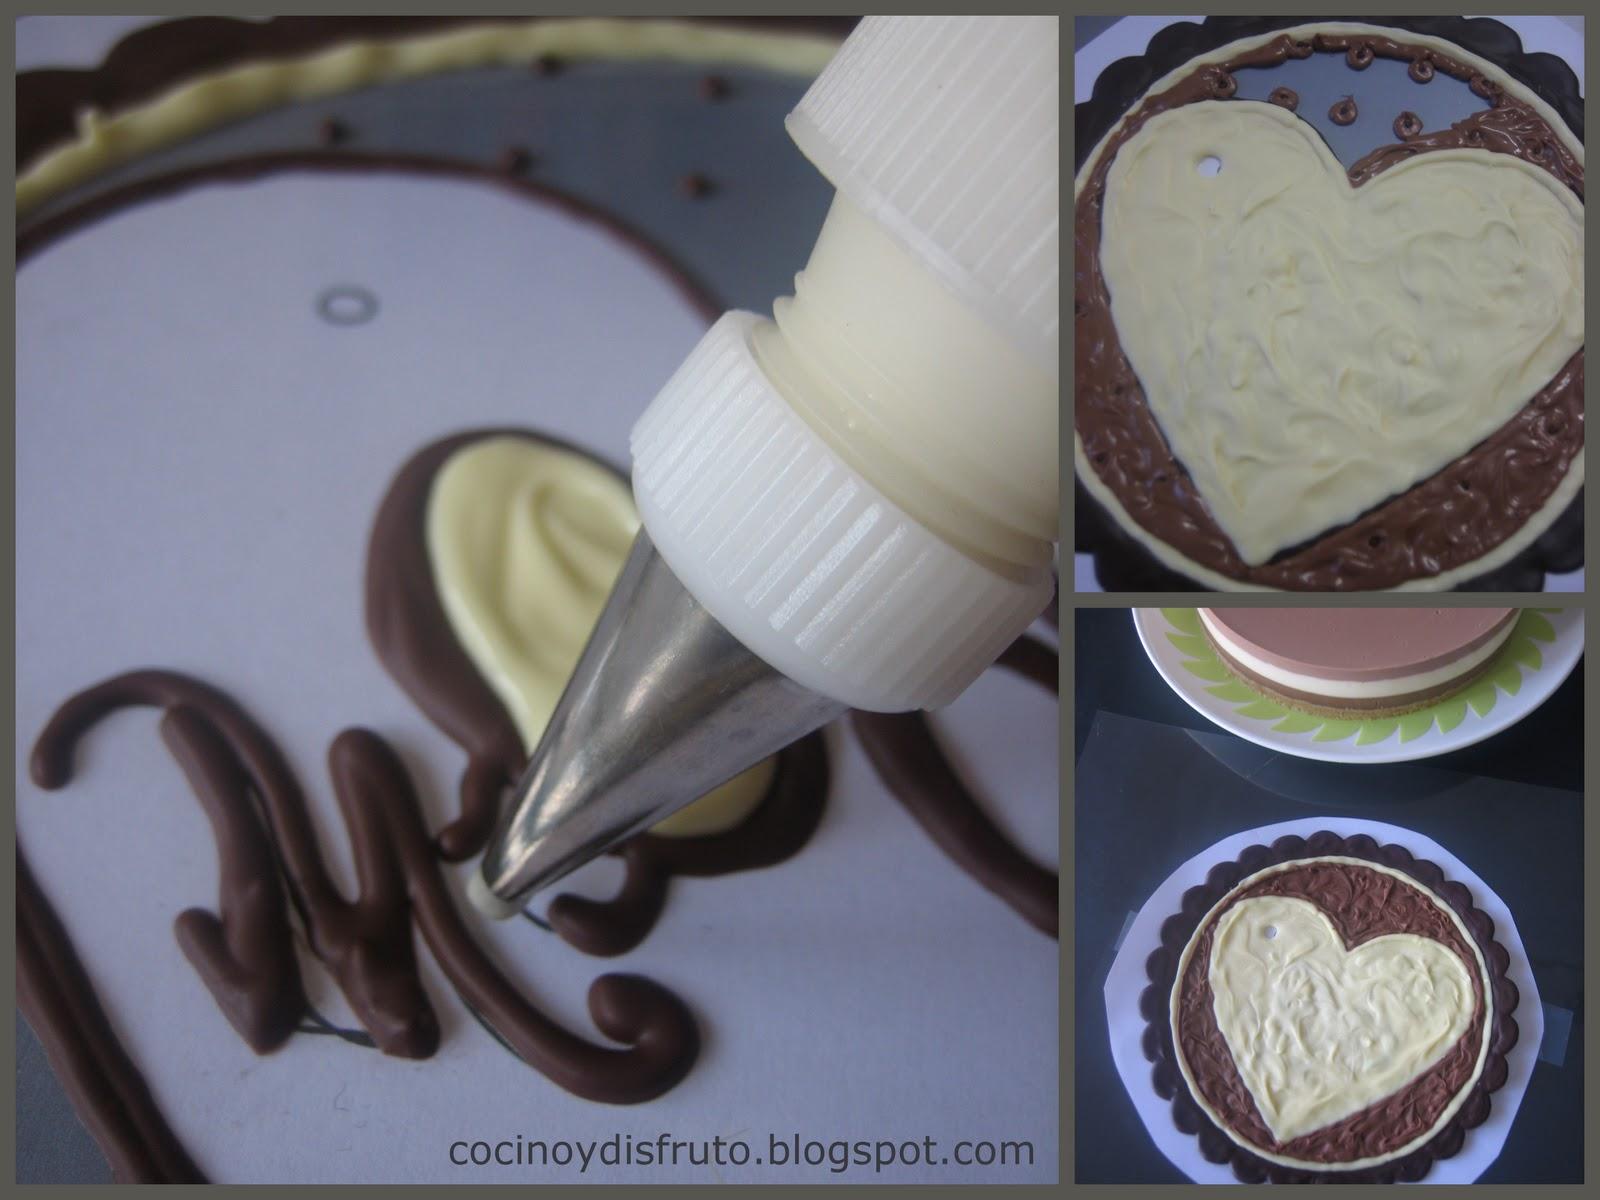 Cocino y disfruto decoraci n con chocolate paso a paso - Decoracion con chocolate ...